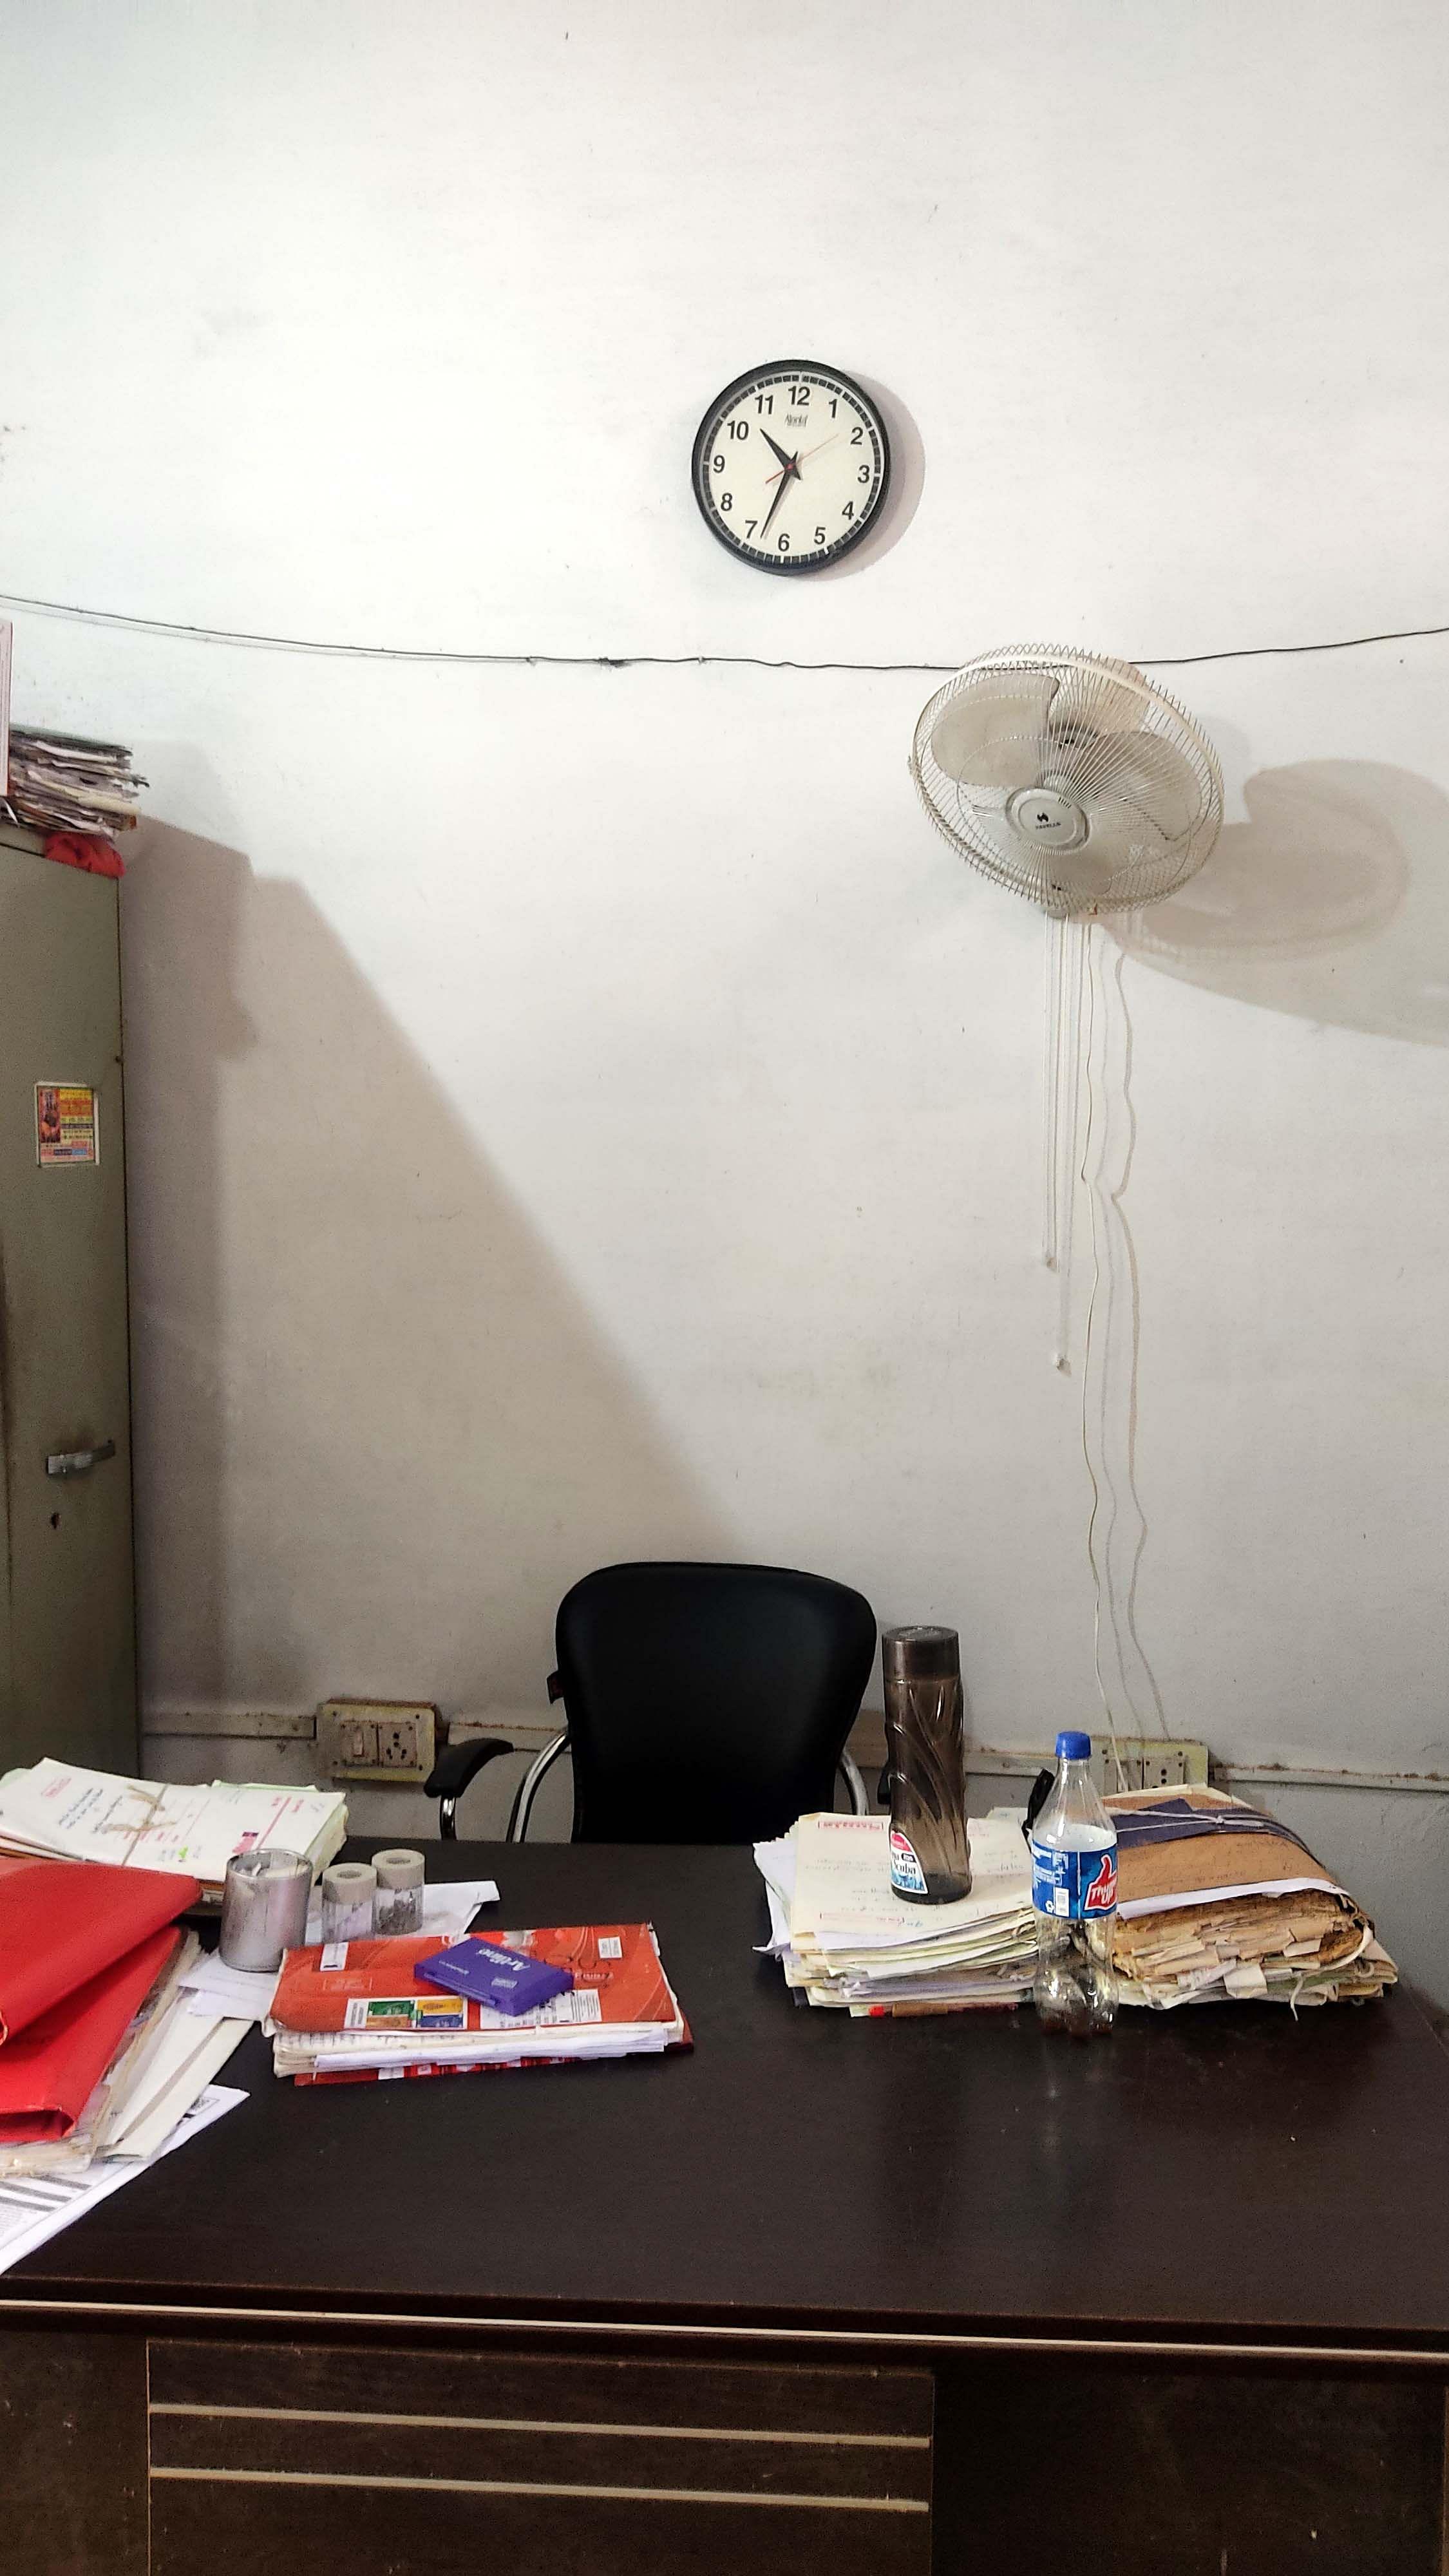 मुख्यालय के अन्य कार्यालय में साढ़े दस बजे के बाद भी खाली पड़ी कुर्सी। - संवाद।